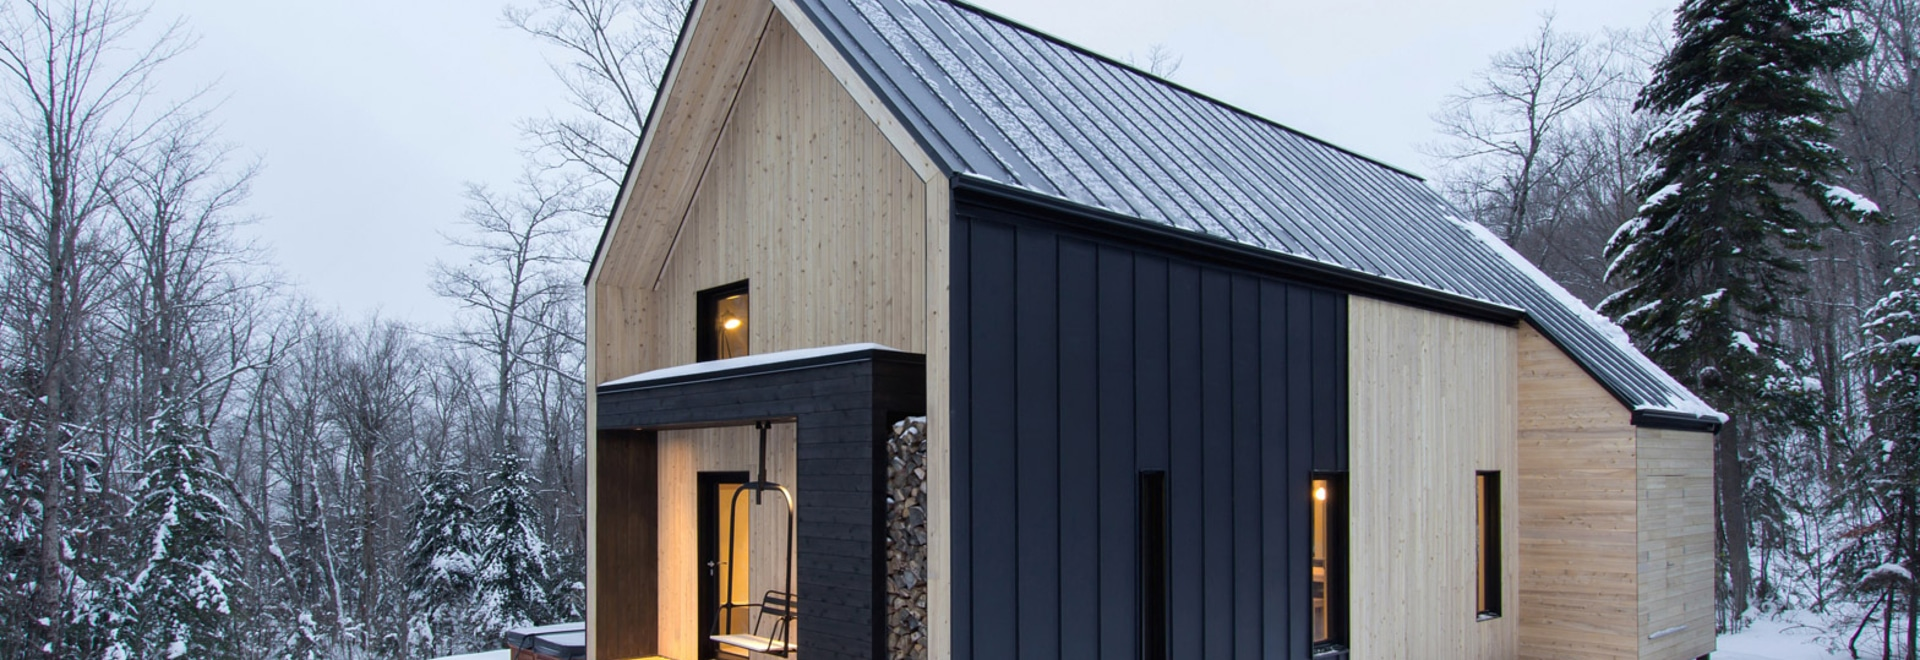 l 39 architecture de cargaison accomplit la maison scandinave inspir e de vacances au qu bec. Black Bedroom Furniture Sets. Home Design Ideas